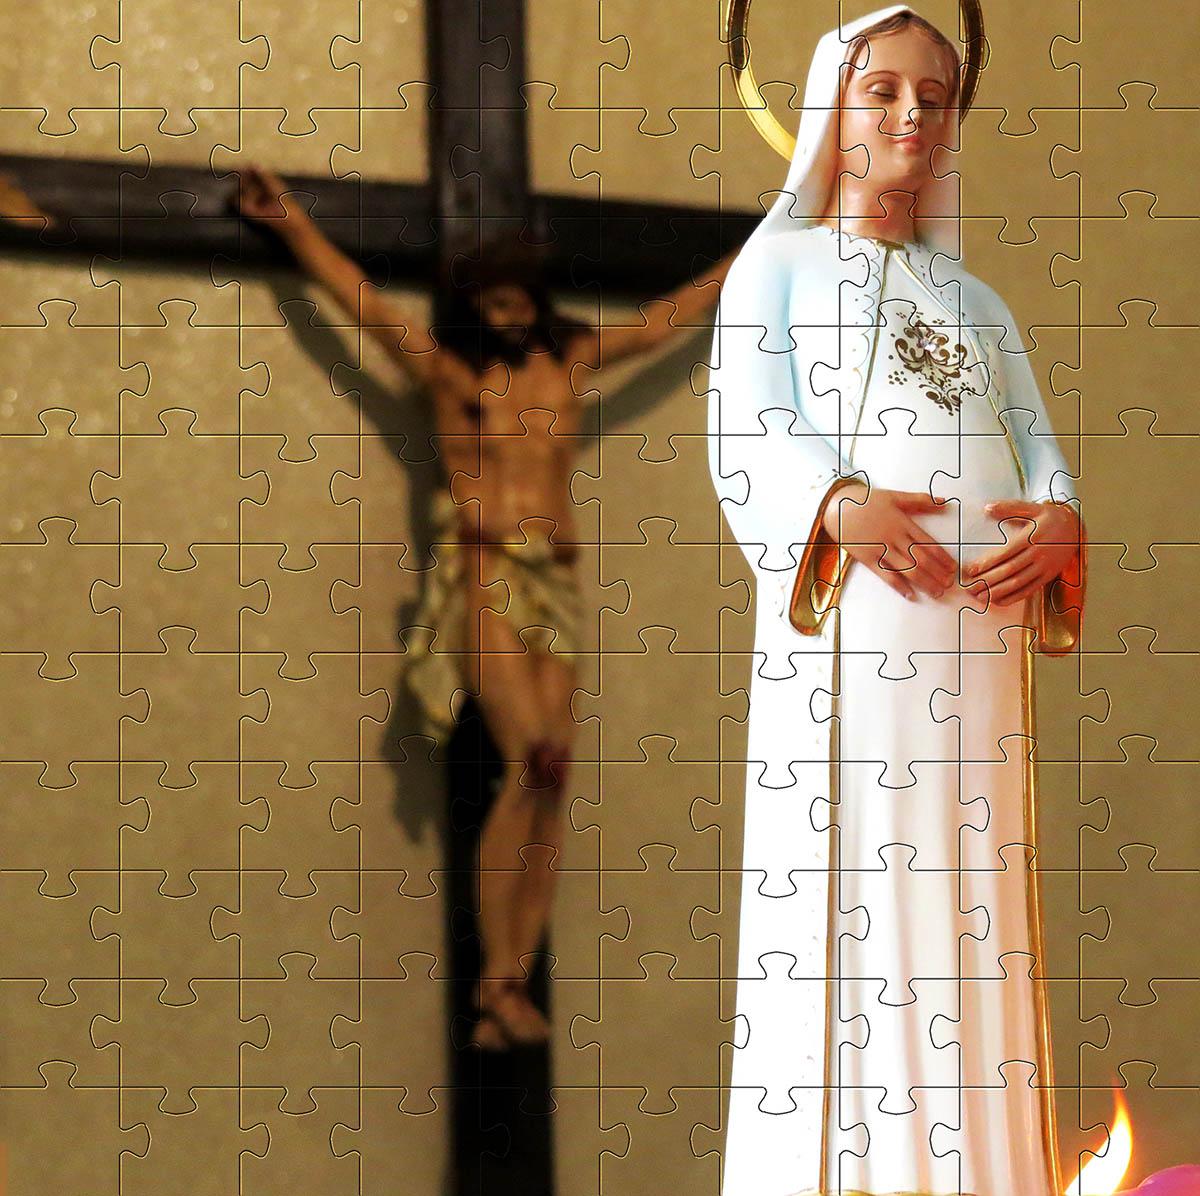 Coleção Exclusiva Quebra-Cabeças Religiosos  de 165 peças + Chaveiro presente